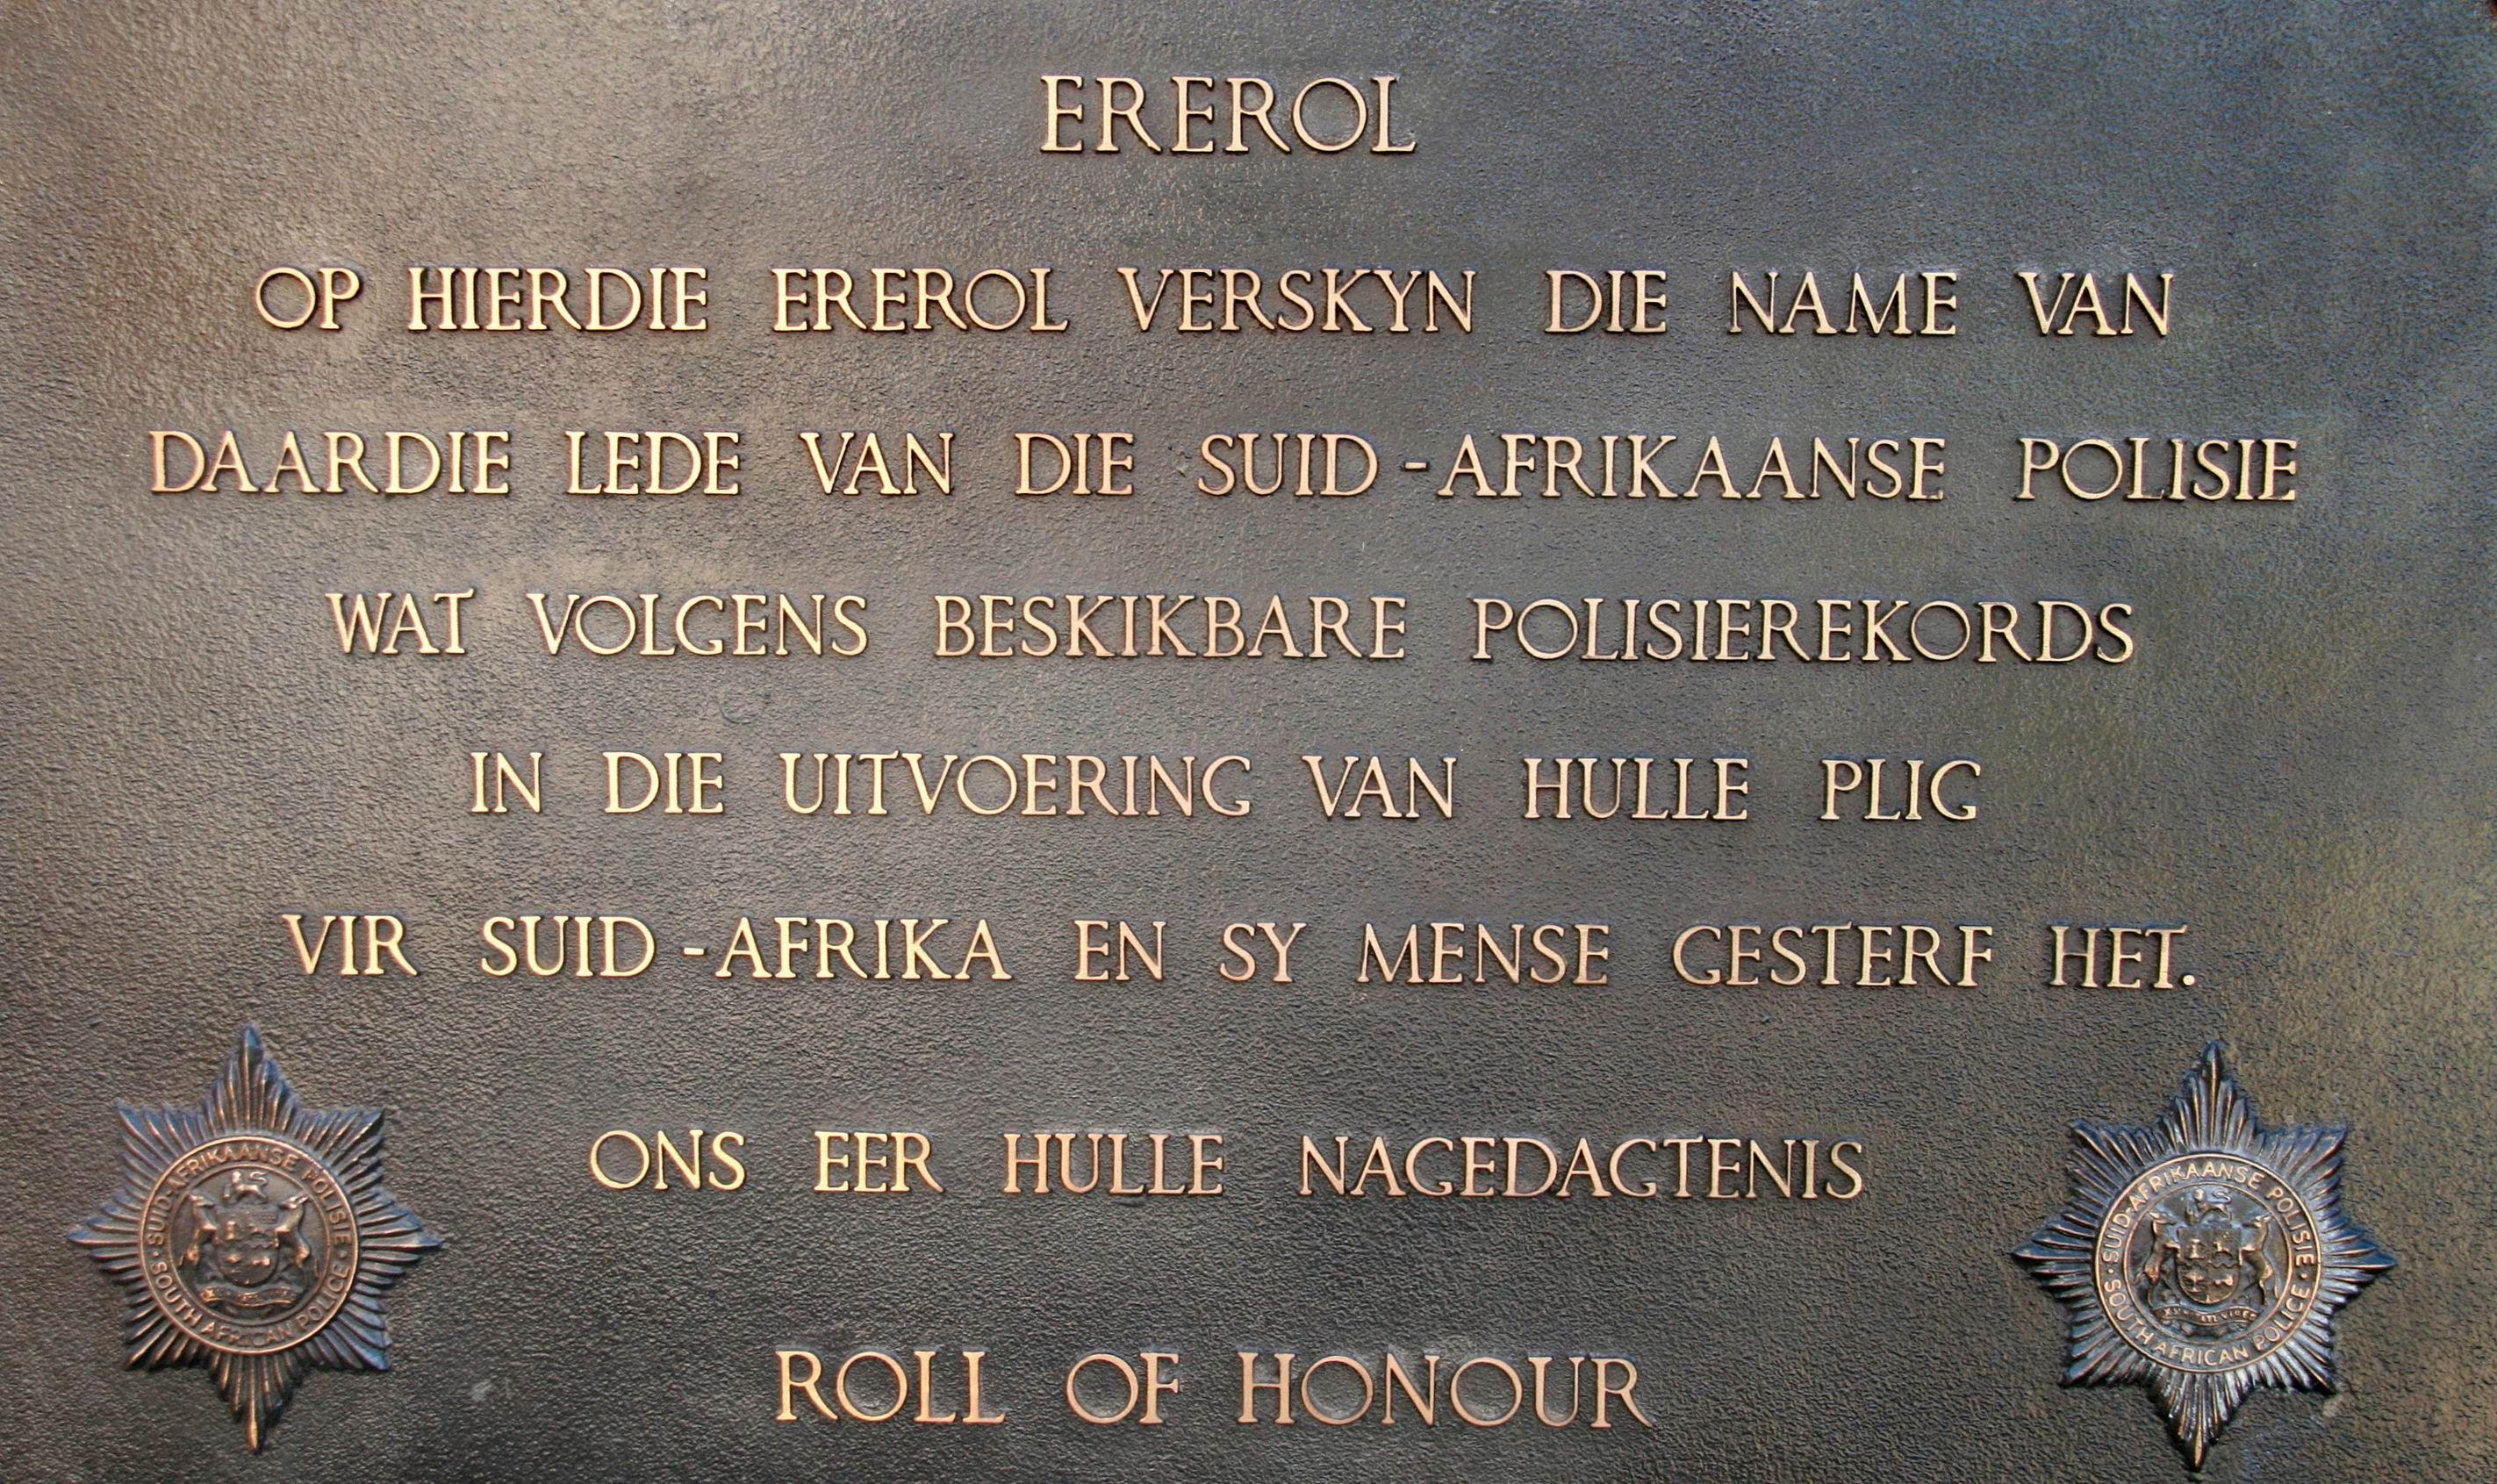 Het nationale politiemonument voor de herdenking van de omgekomen politieagenten in het land. Foto: G.J. Koppenaal - 6/10/2014.